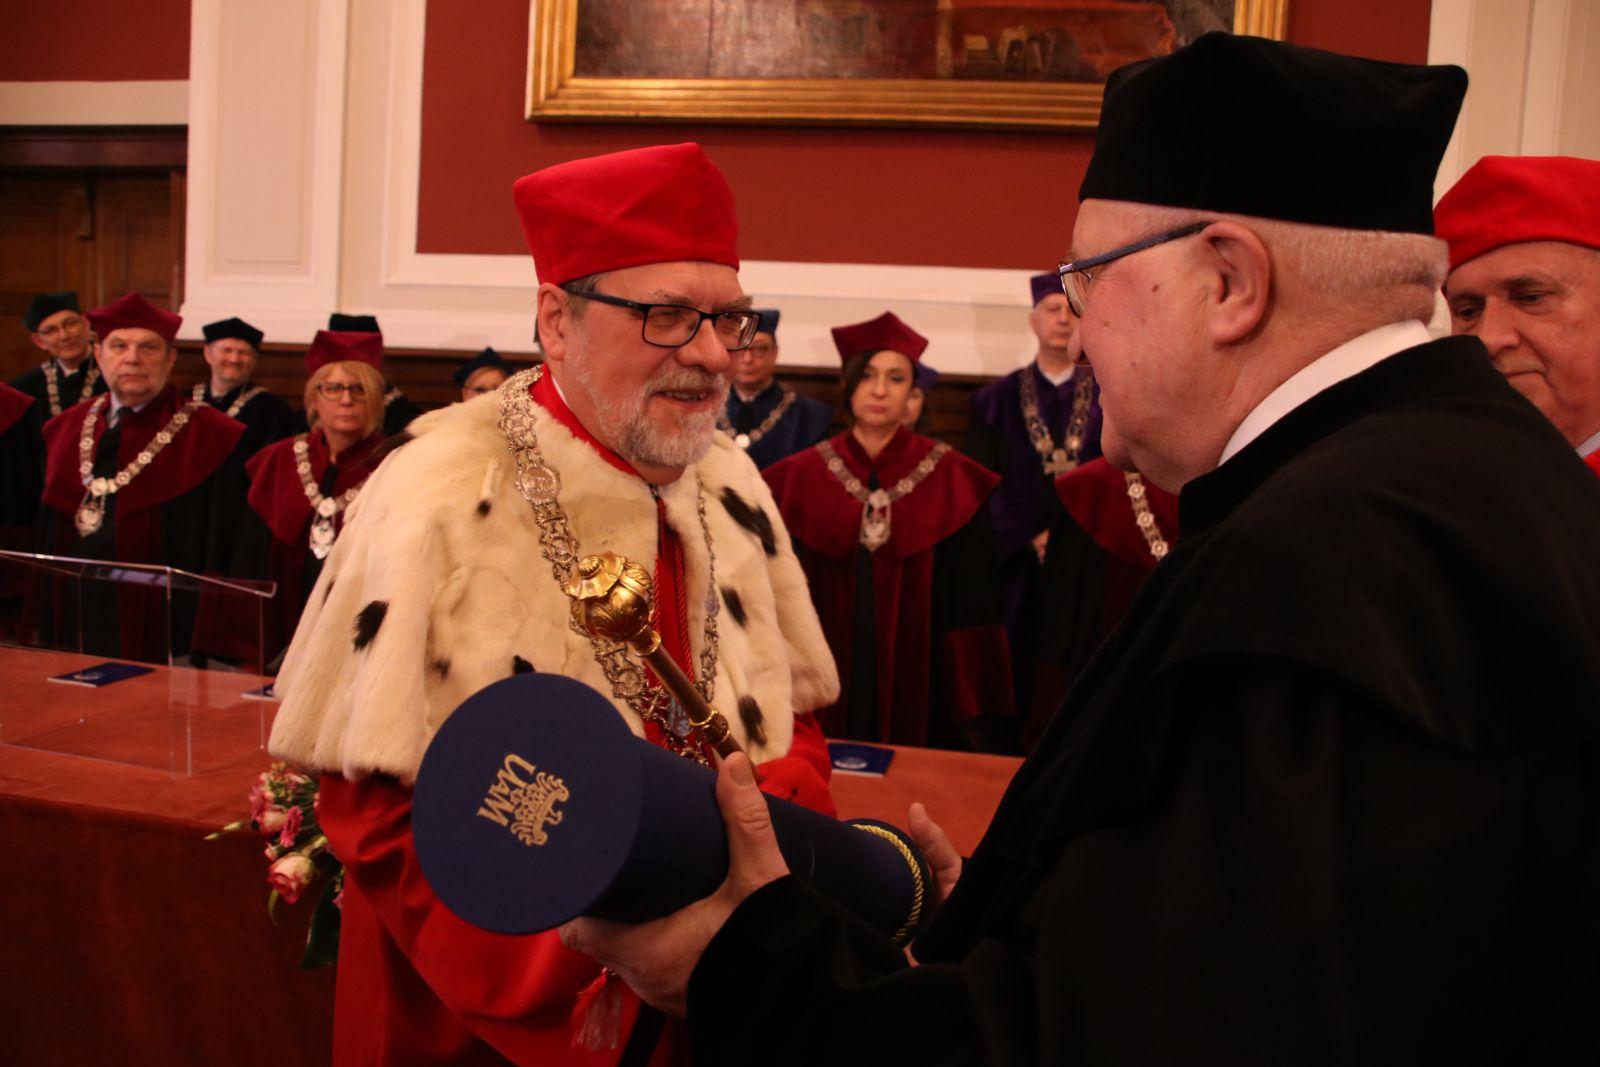 Zdjęcie - nadanie tytuł doktora honoris causa Uniwersytetu im. Adama Mickiewicza w Poznaniu prof. Januszowi Jurczakowi